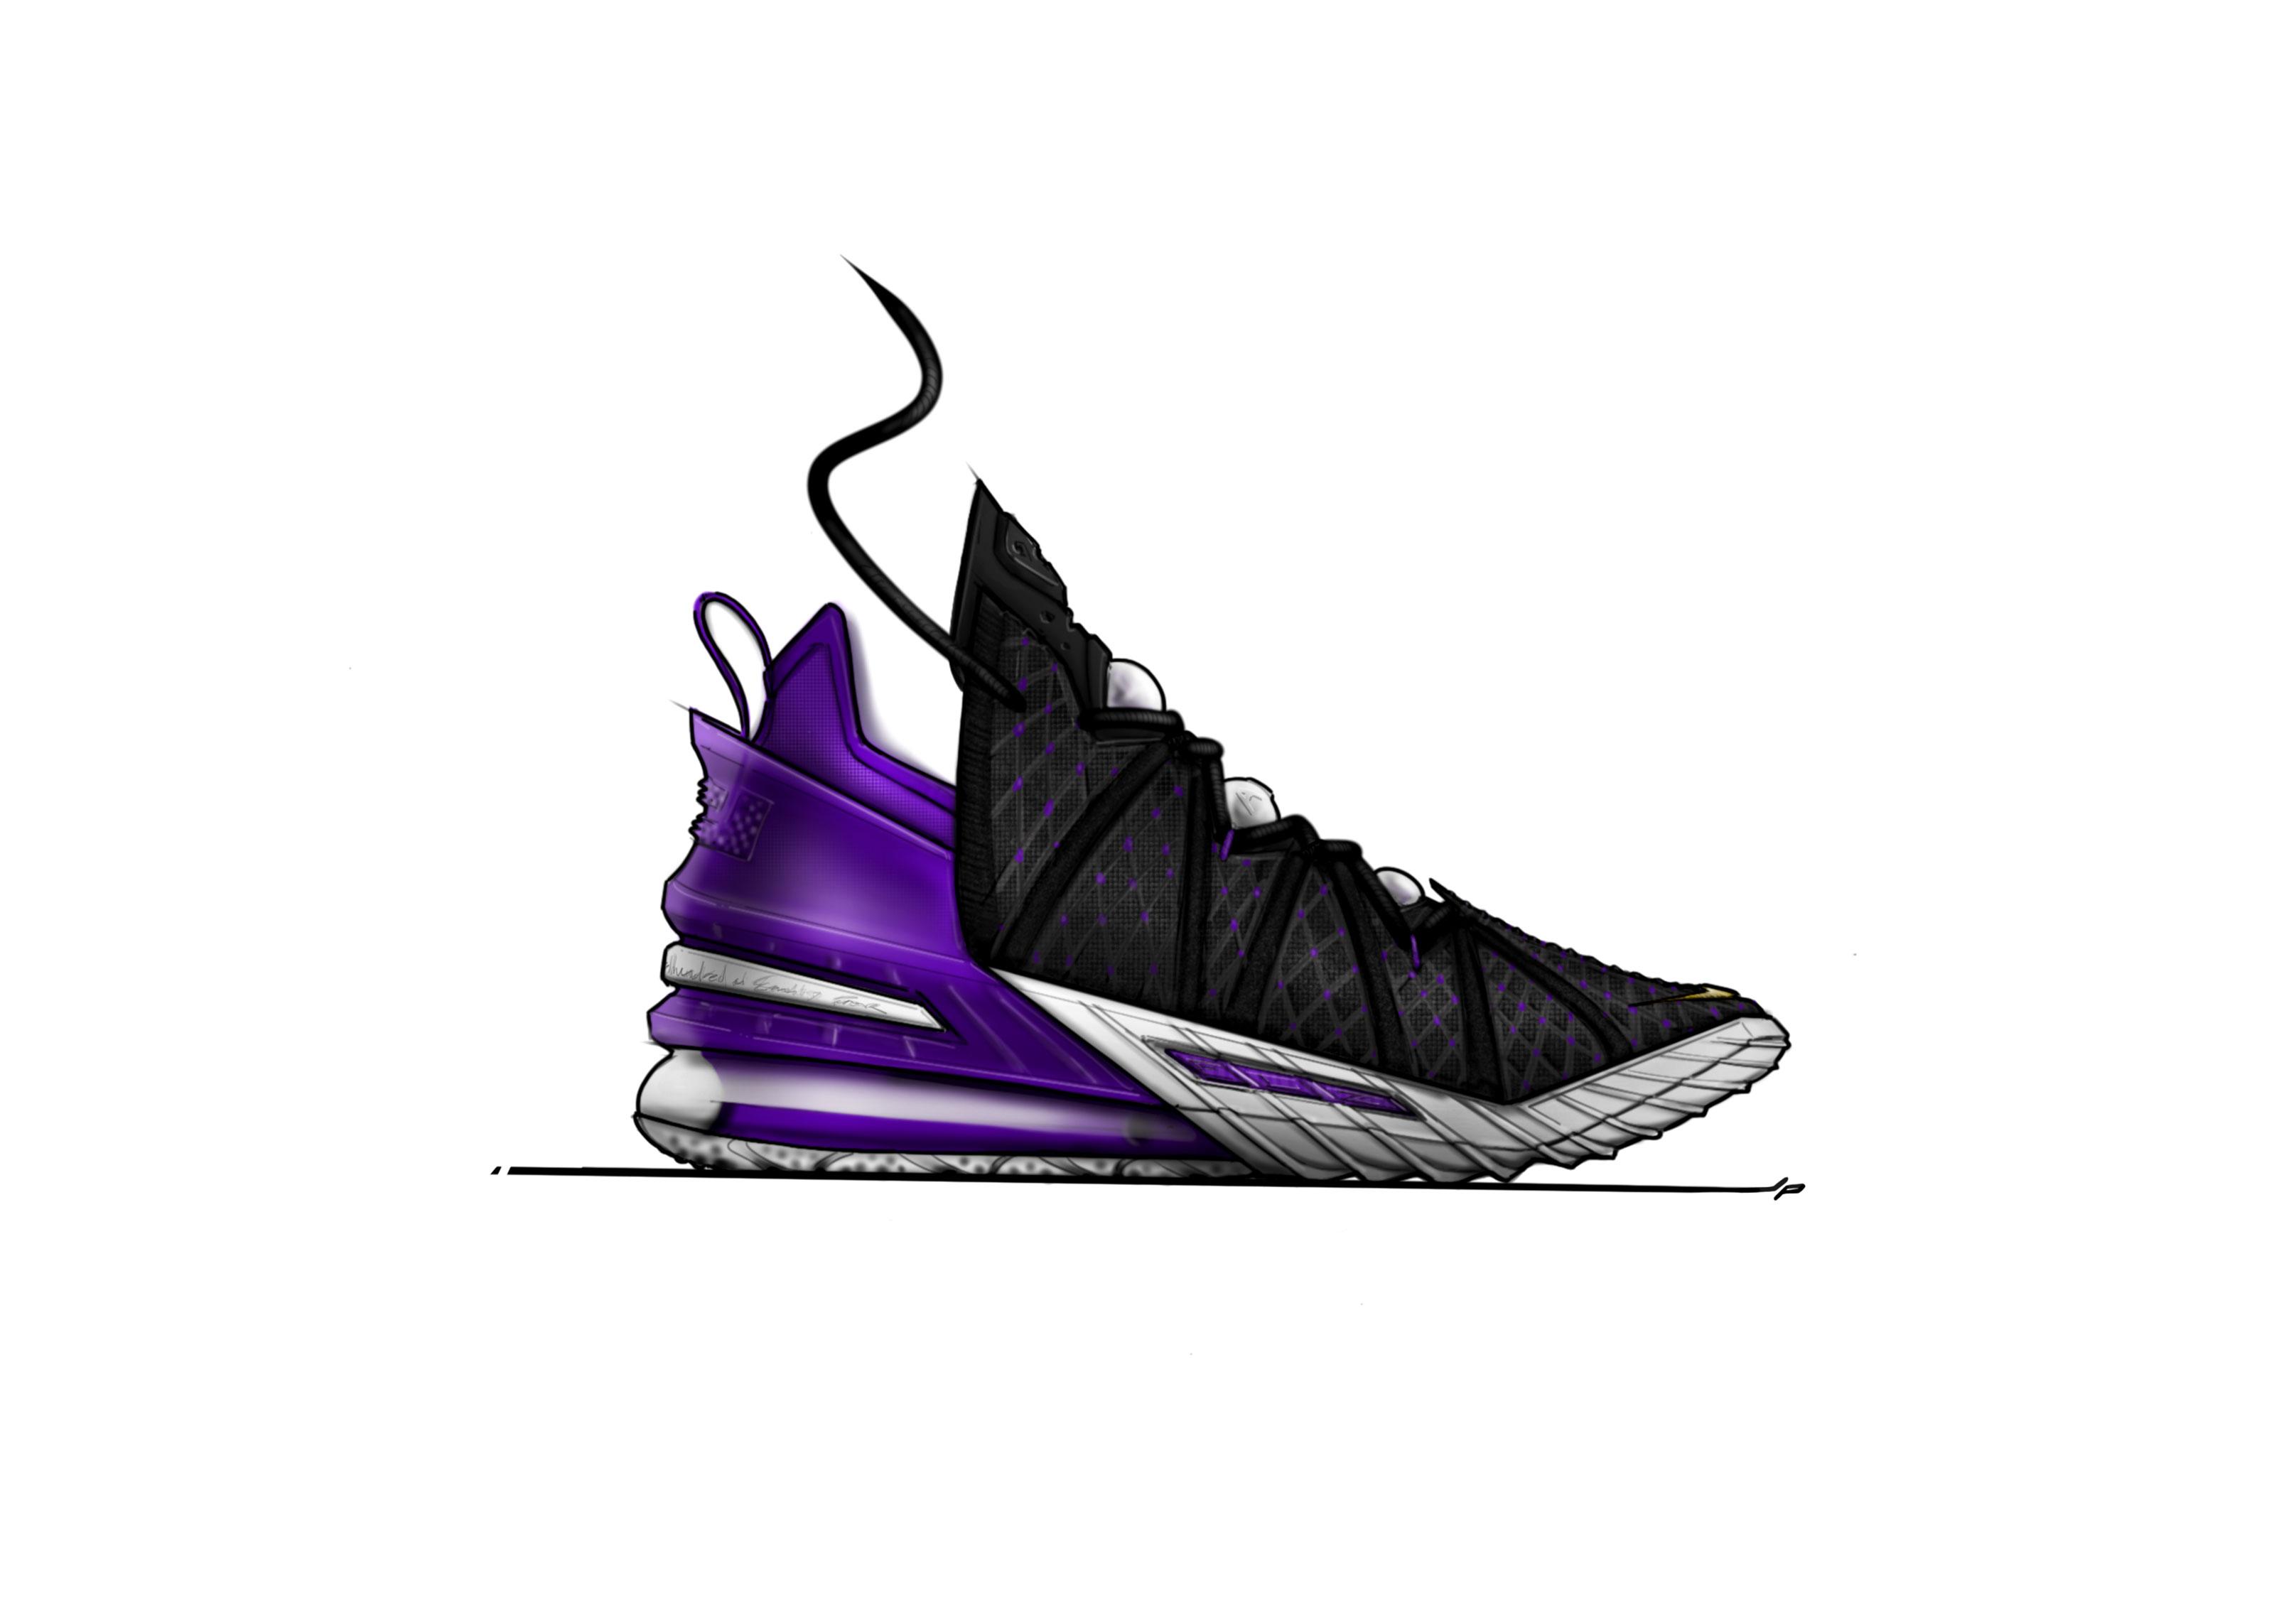 LeBron James, Nike offer sneak peek at